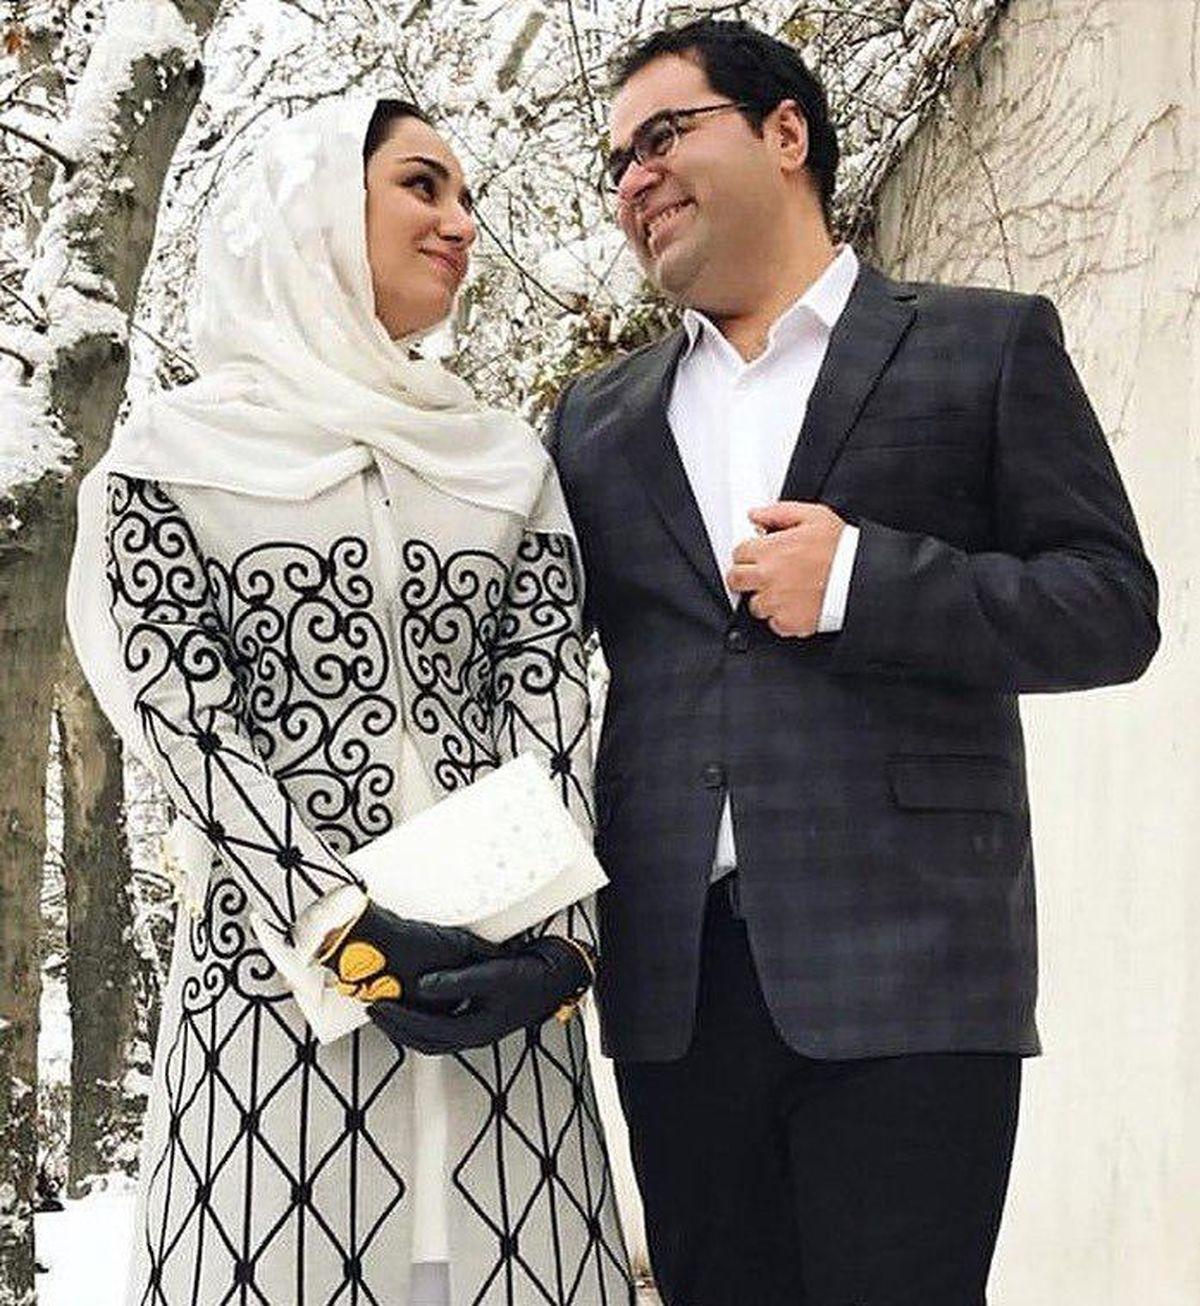 ریحانه یاسینی خبرنگار فقید در کنار همسرش در روز عقدشان